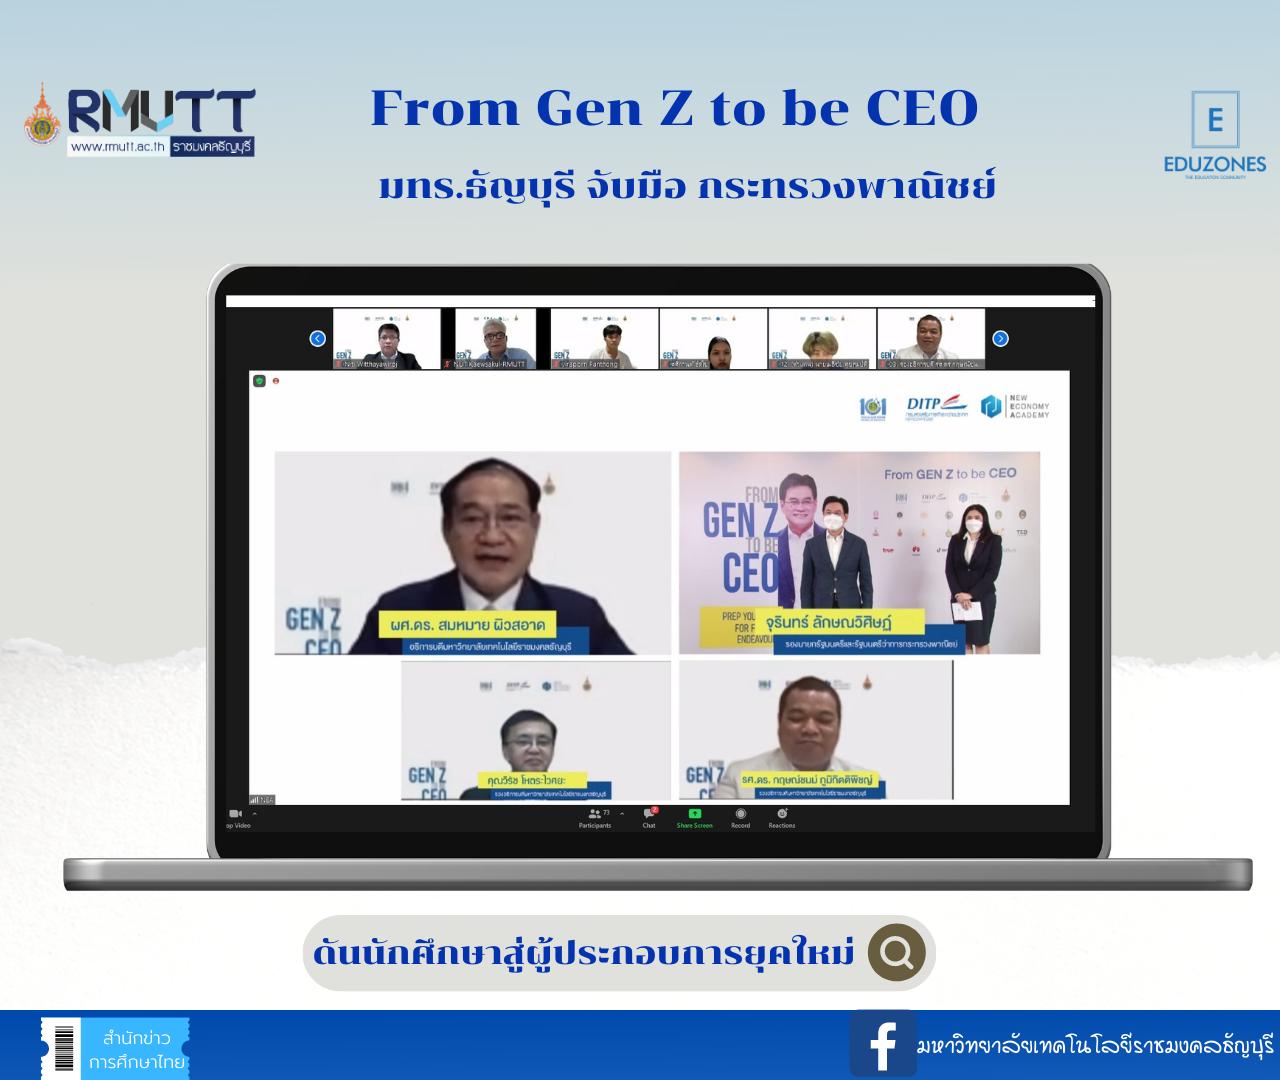 มทร.ธัญบุรี จับมือ กระทรวงพาณิชย์ ดันนักศึกษาสู่ผู้ประกอบการยุคใหม่  'From Gen Z to be CEO' กว่า 1,000 คน